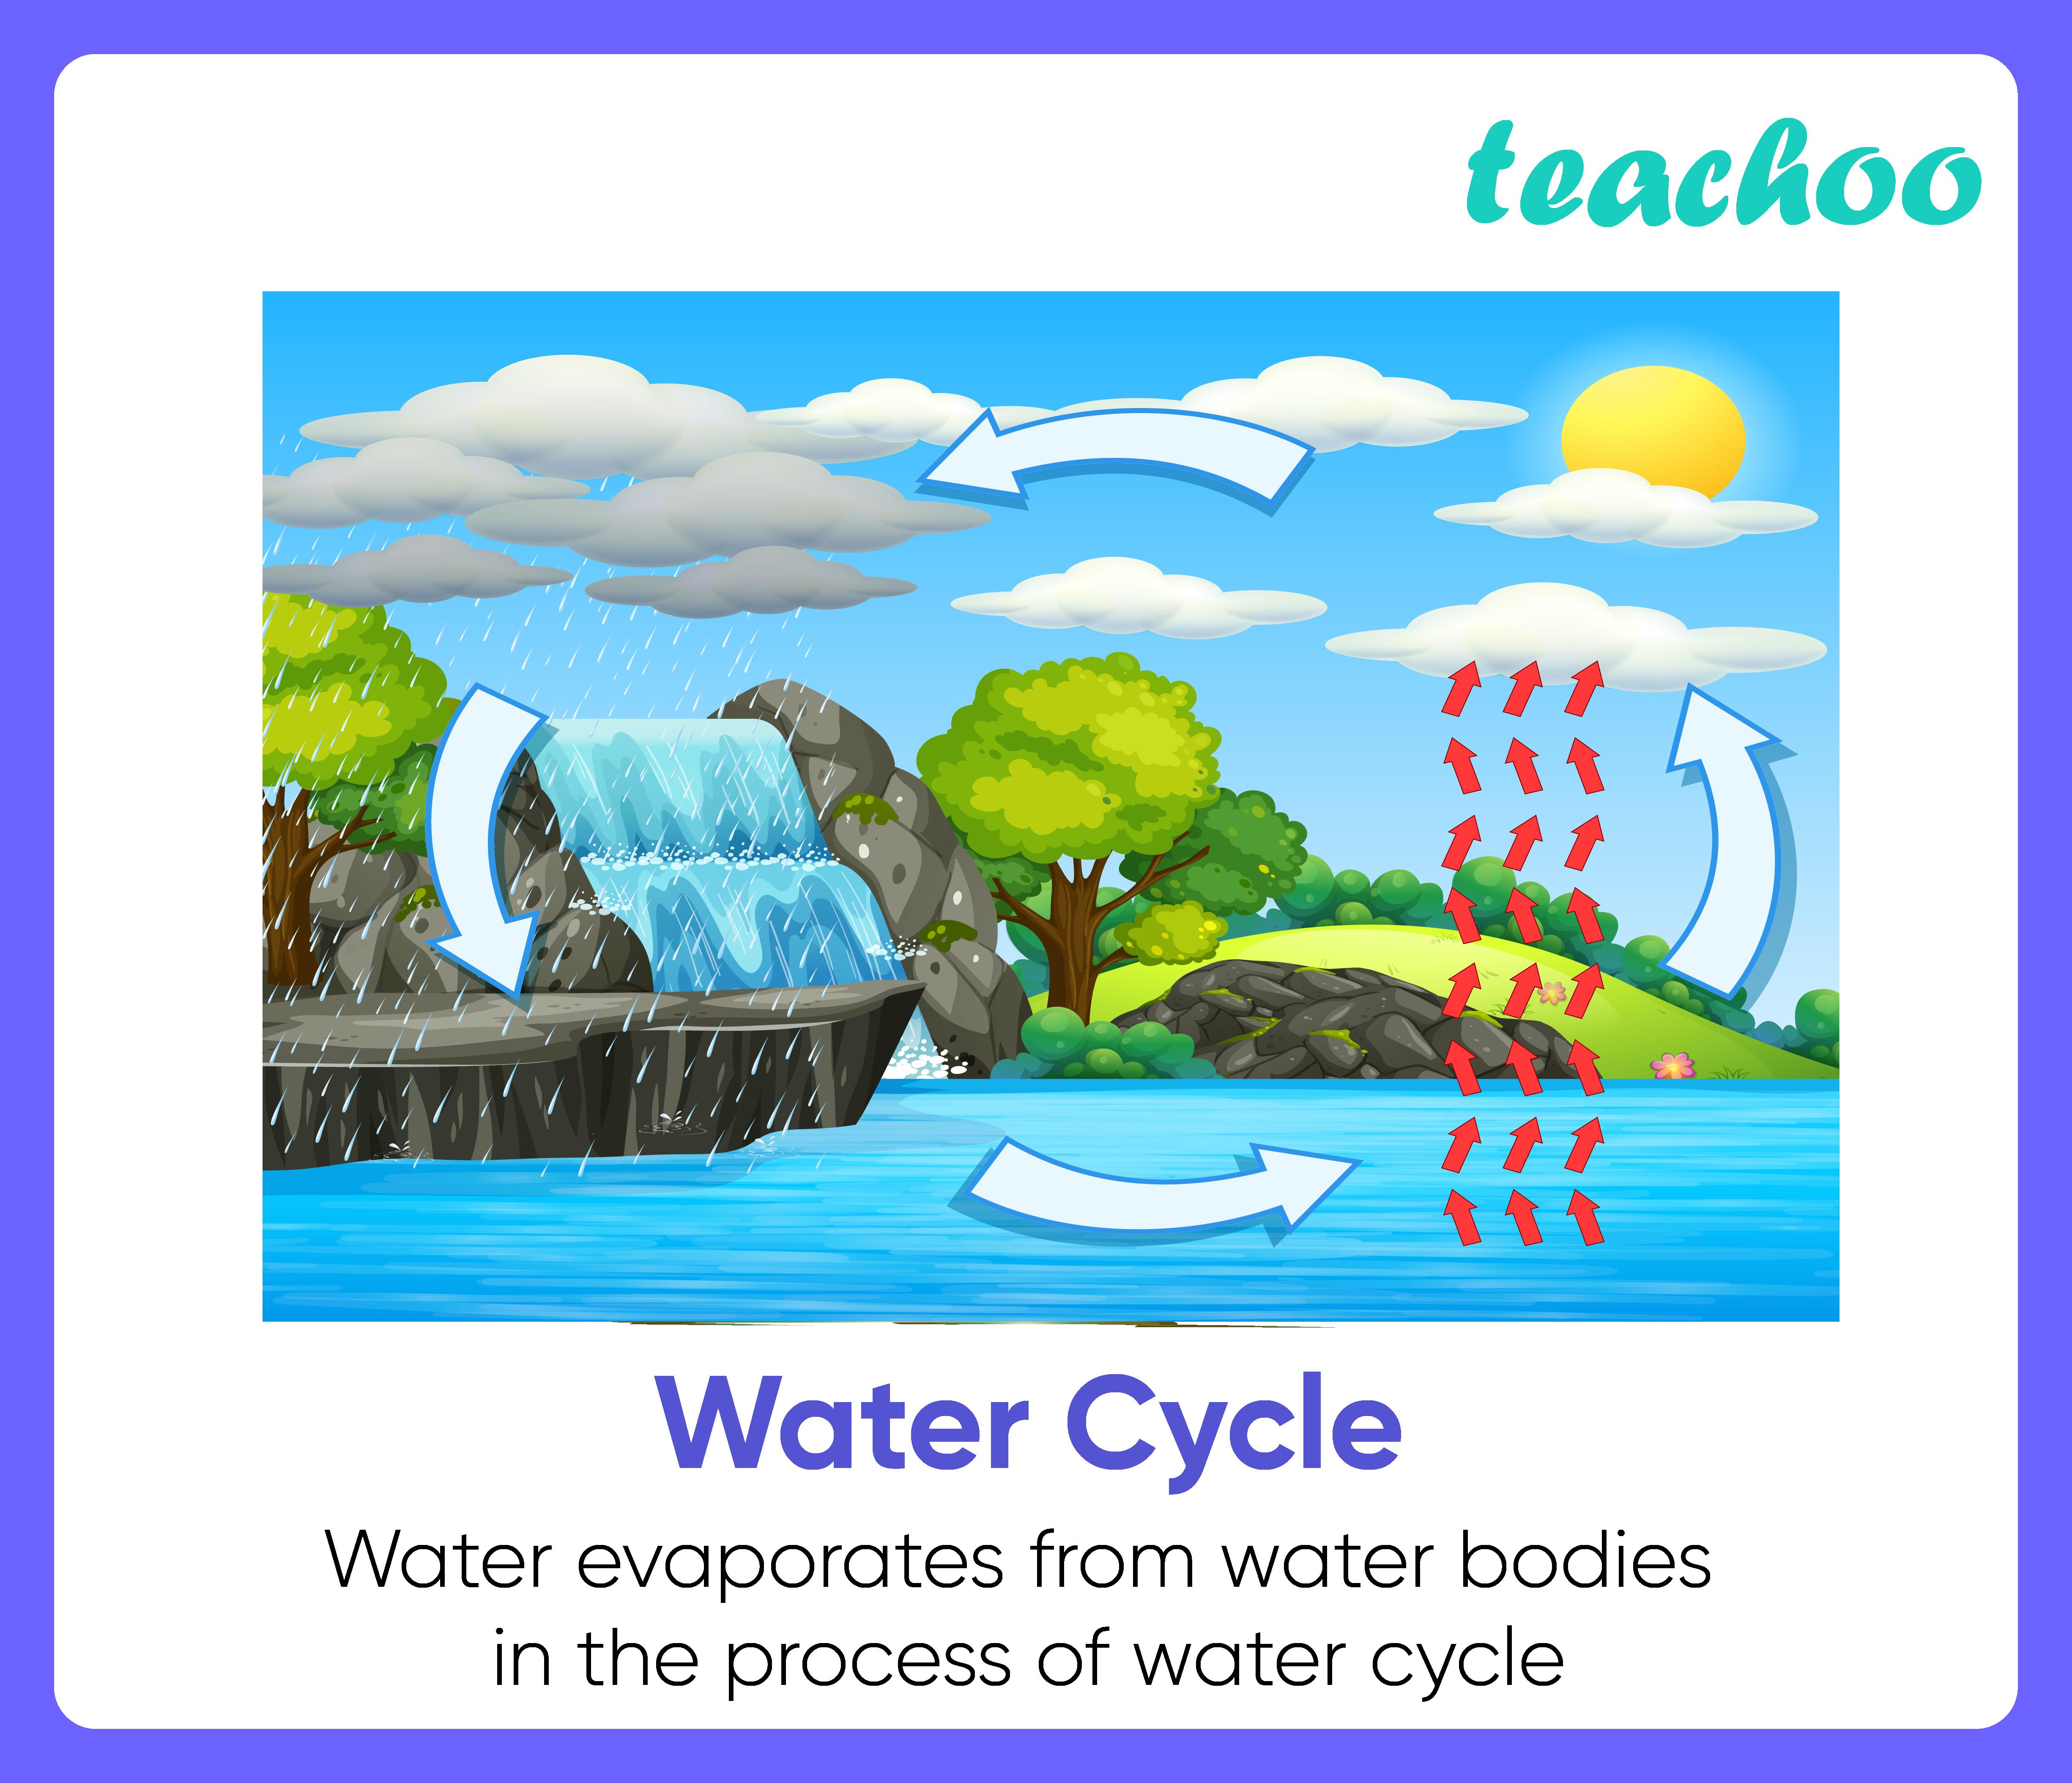 Water Cycle-Teachoo-01.png